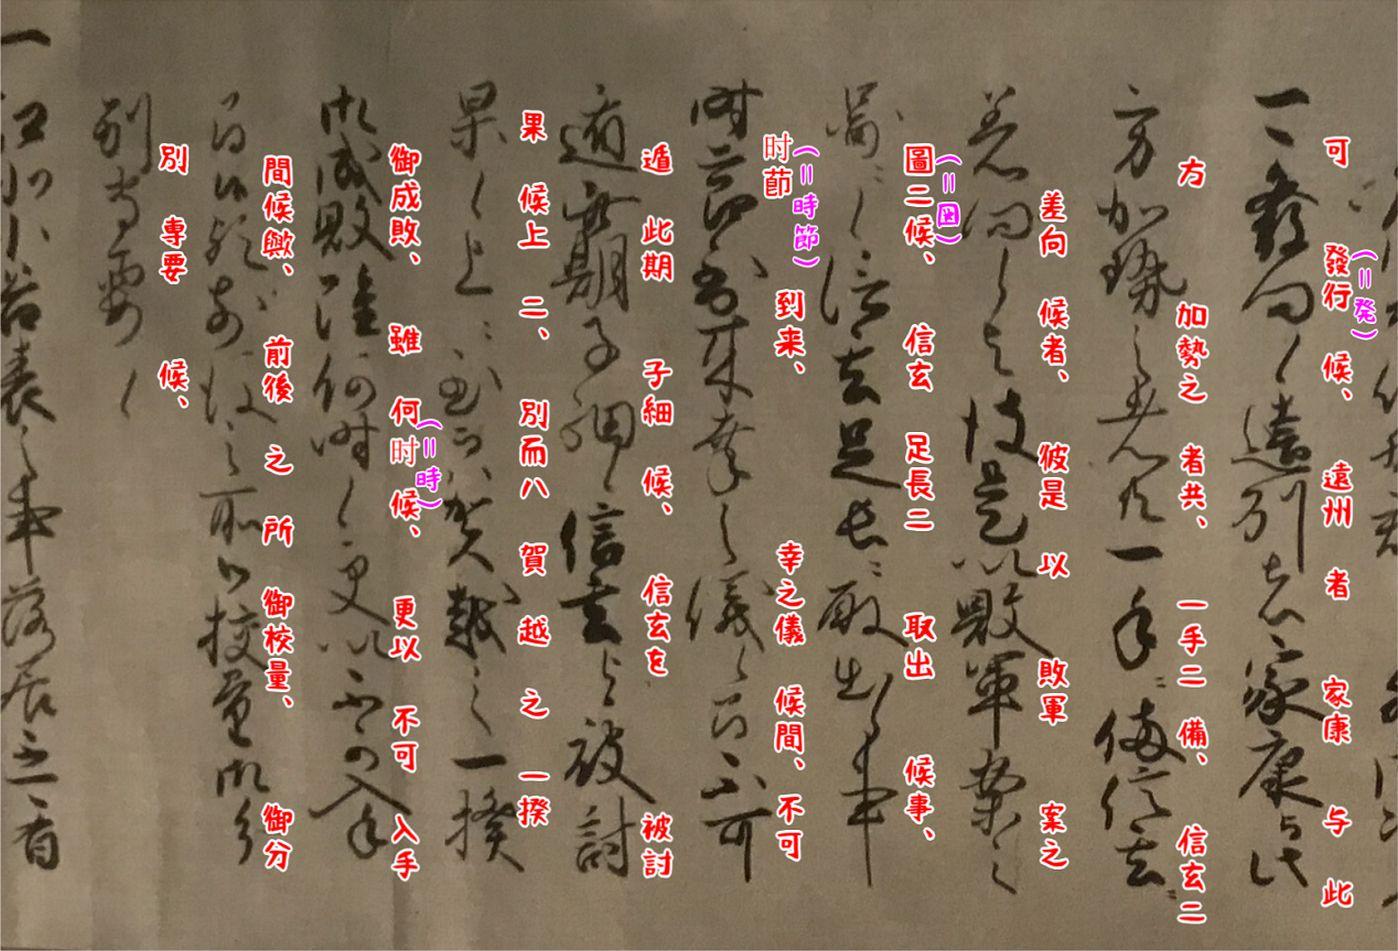 (元亀三年)十一月二十日付織田信長書状写e+釈文